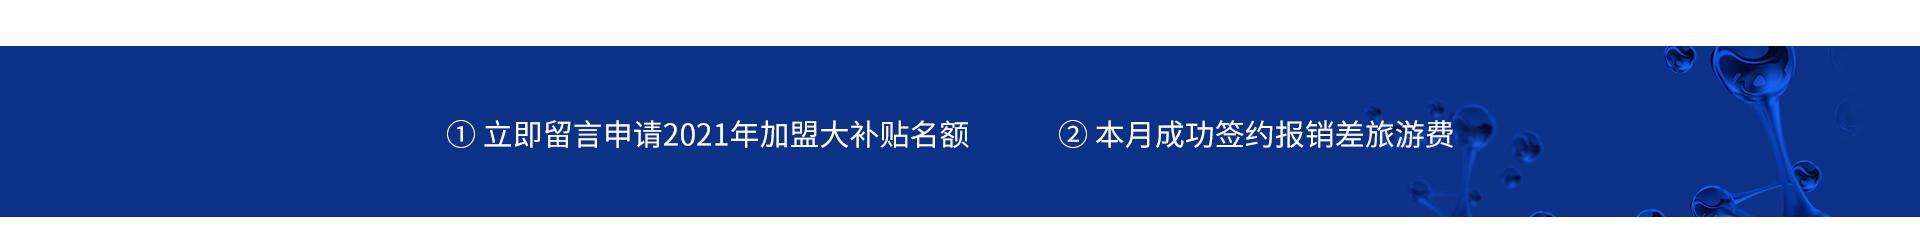 香港3861婴儿游泳馆3861_31